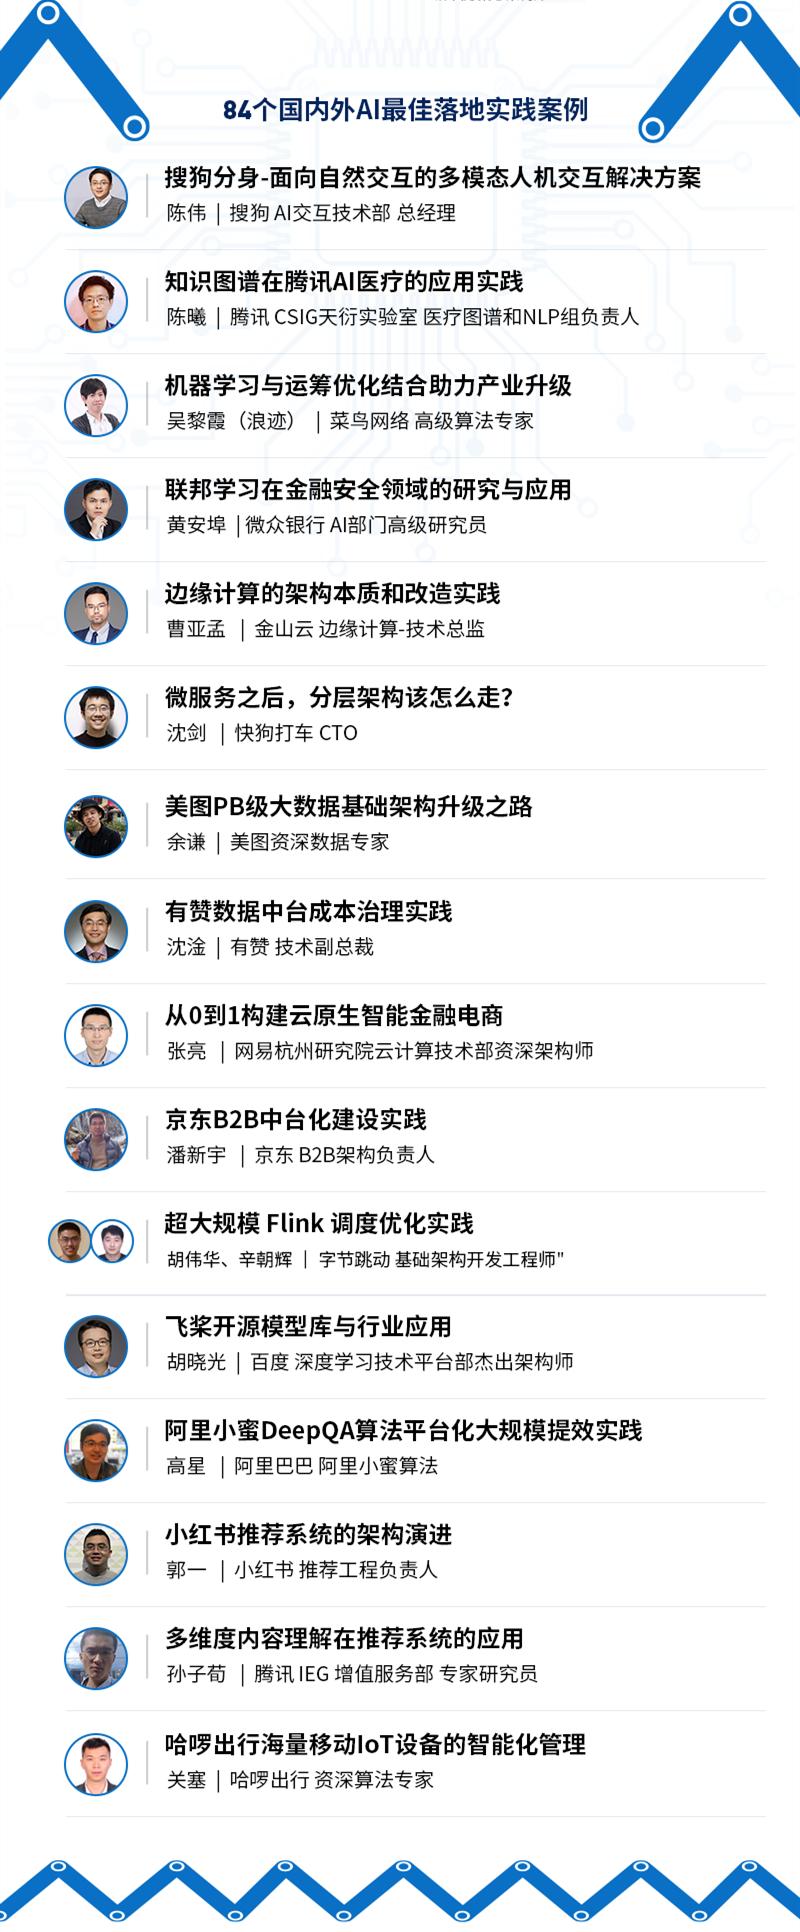 2020A2M人工智能与机器学习创新峰会即将于上海召开